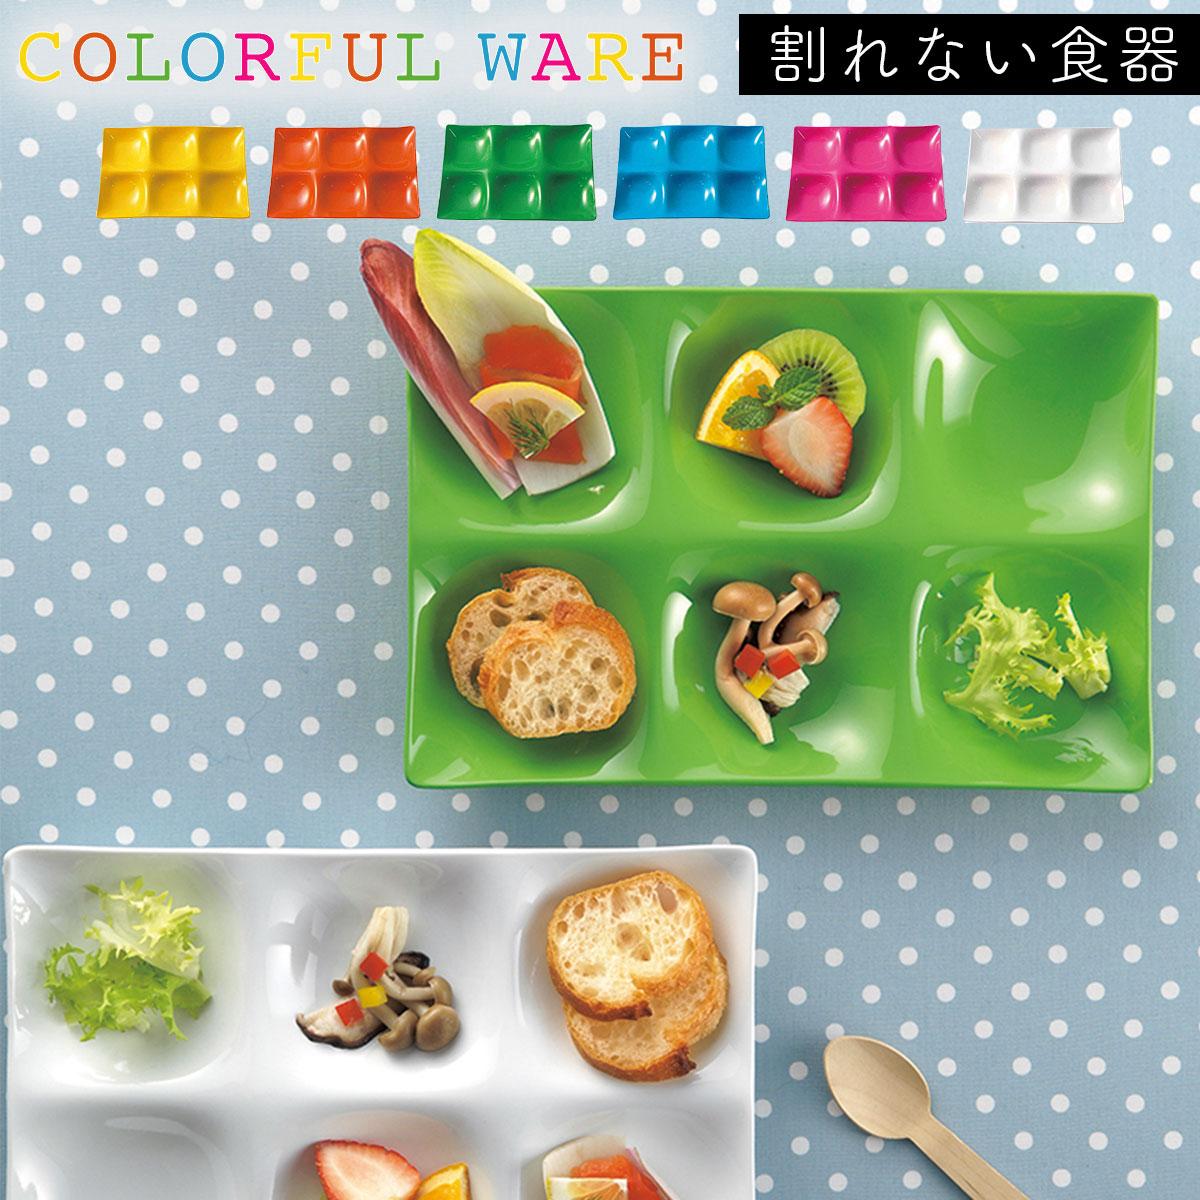 ランチプレート 皿 軽い プラスチック パーティ 仕切り 四角 日本製 電子レンジ対応 食洗機対応 食洗器対応 Party Plate シックスプレート